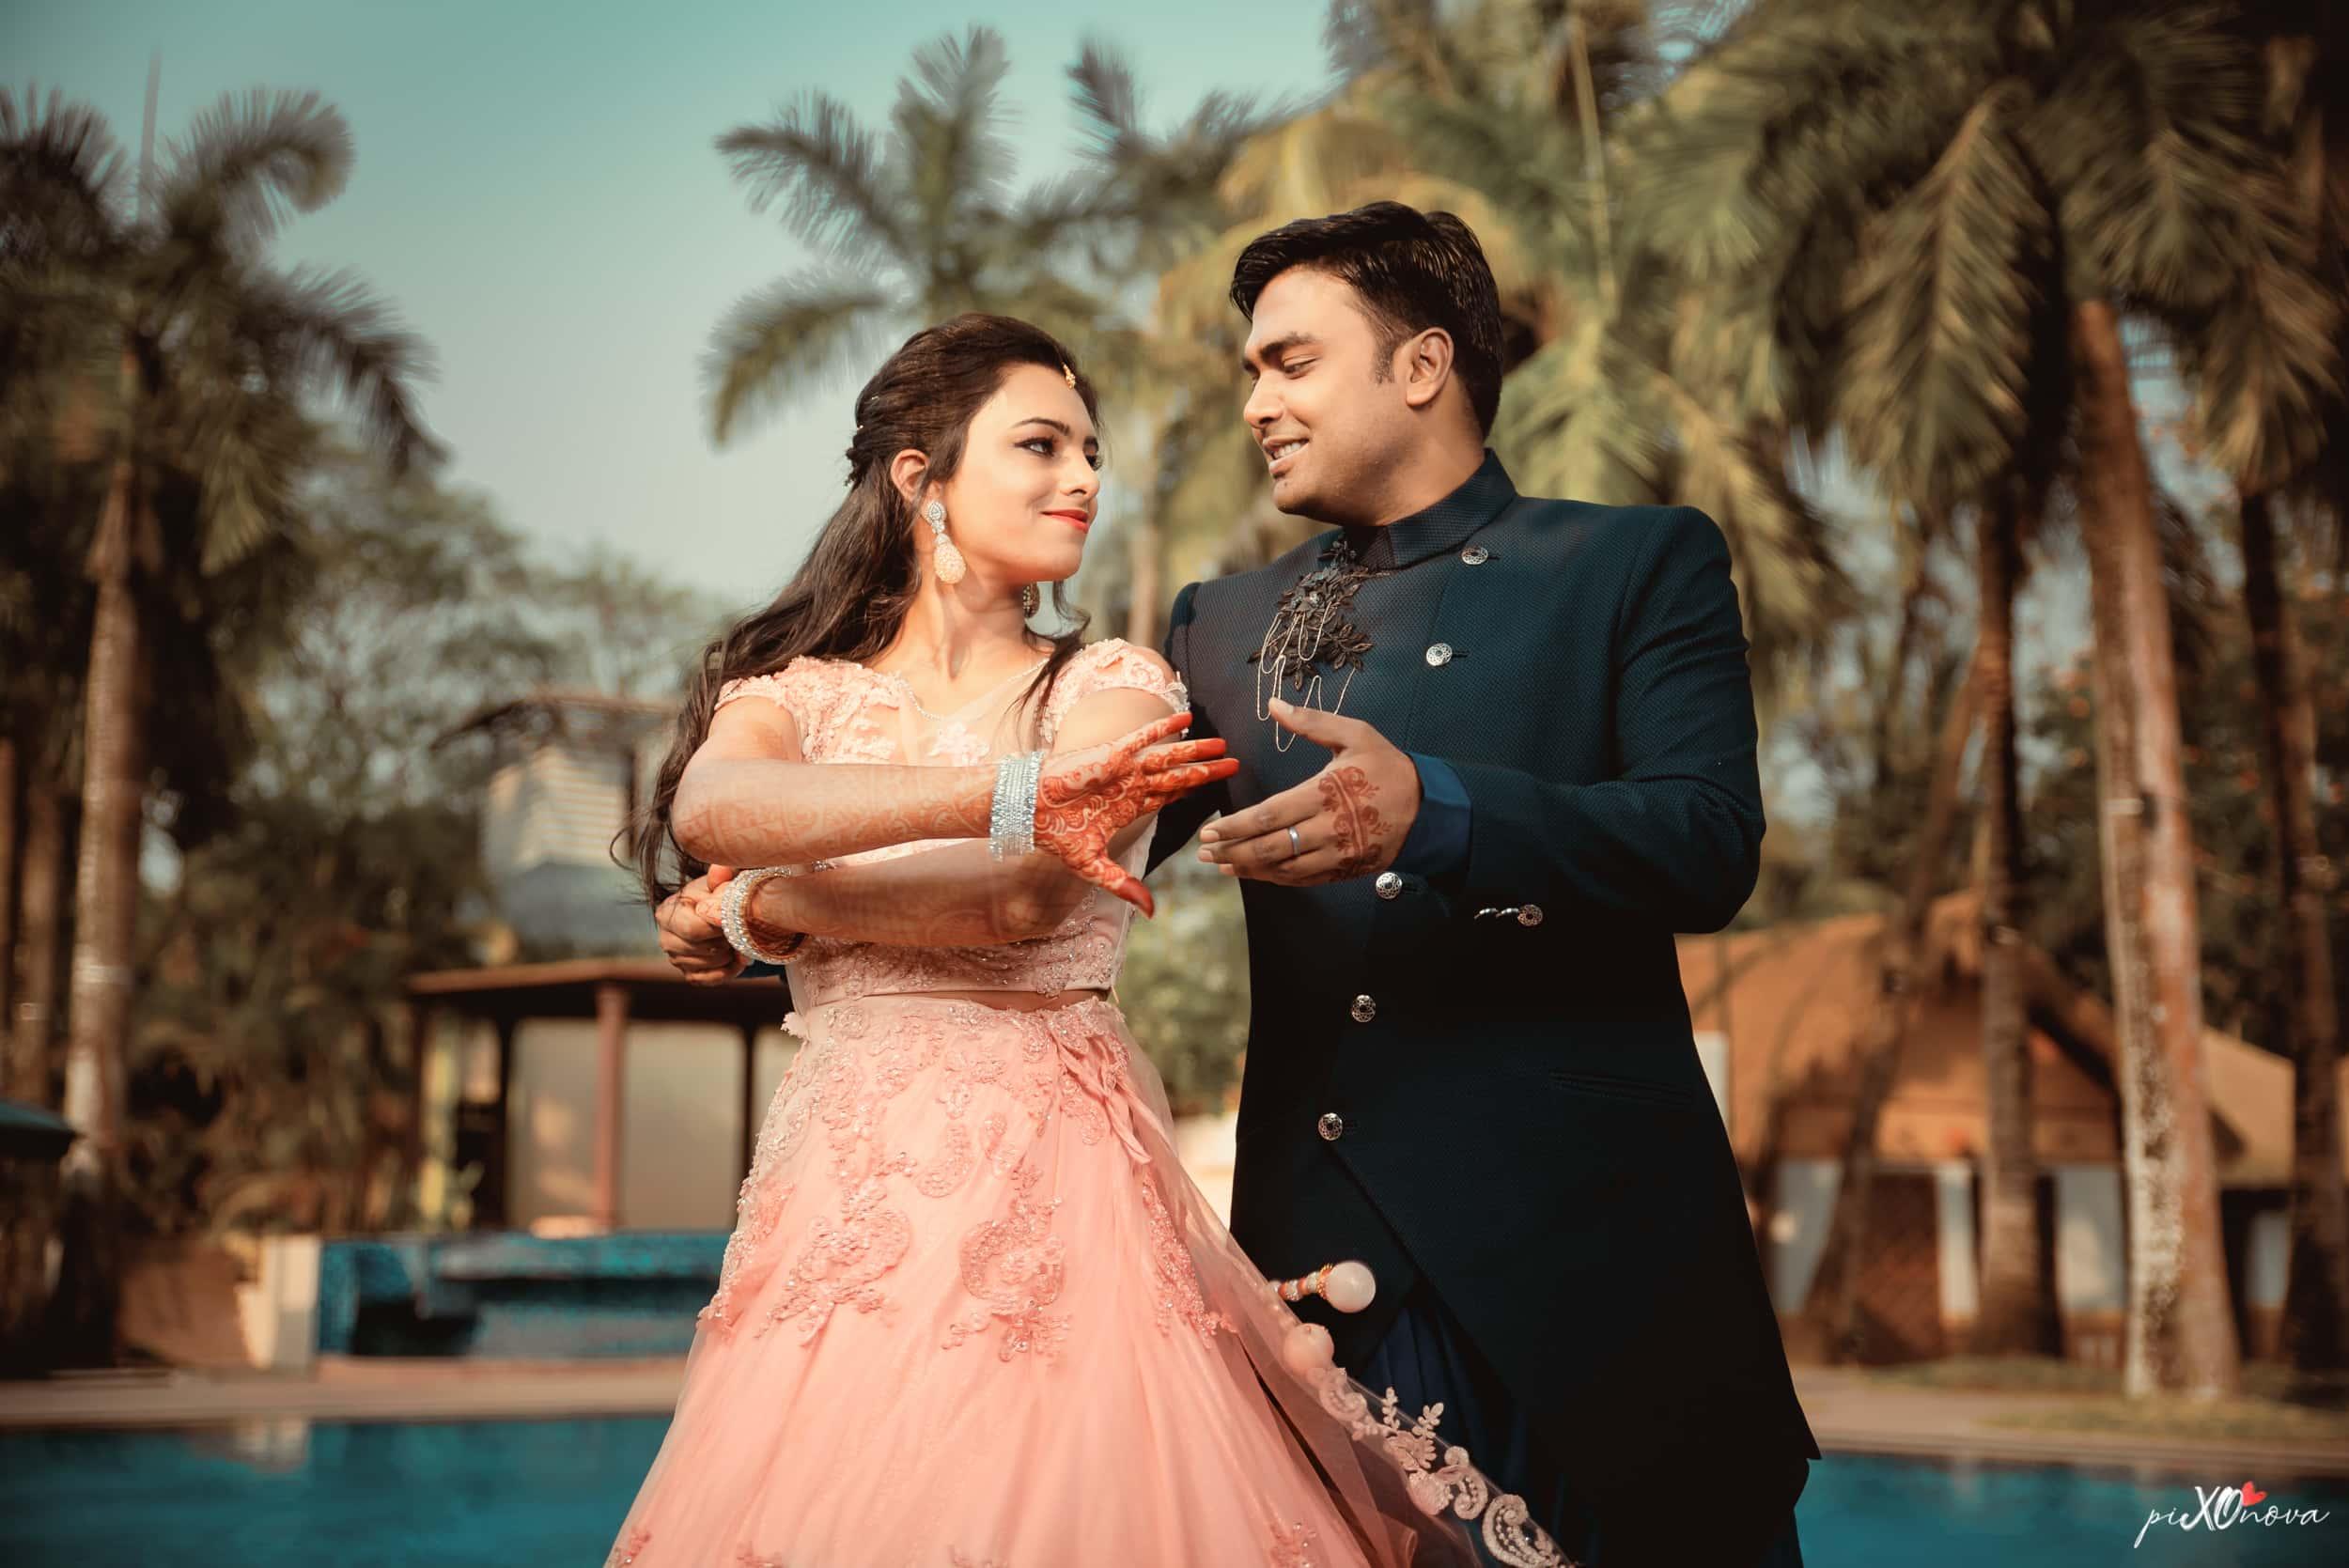 Pixonova: Best Wedding Photographers Kolkata, Delhi India - 10 - Pixonova